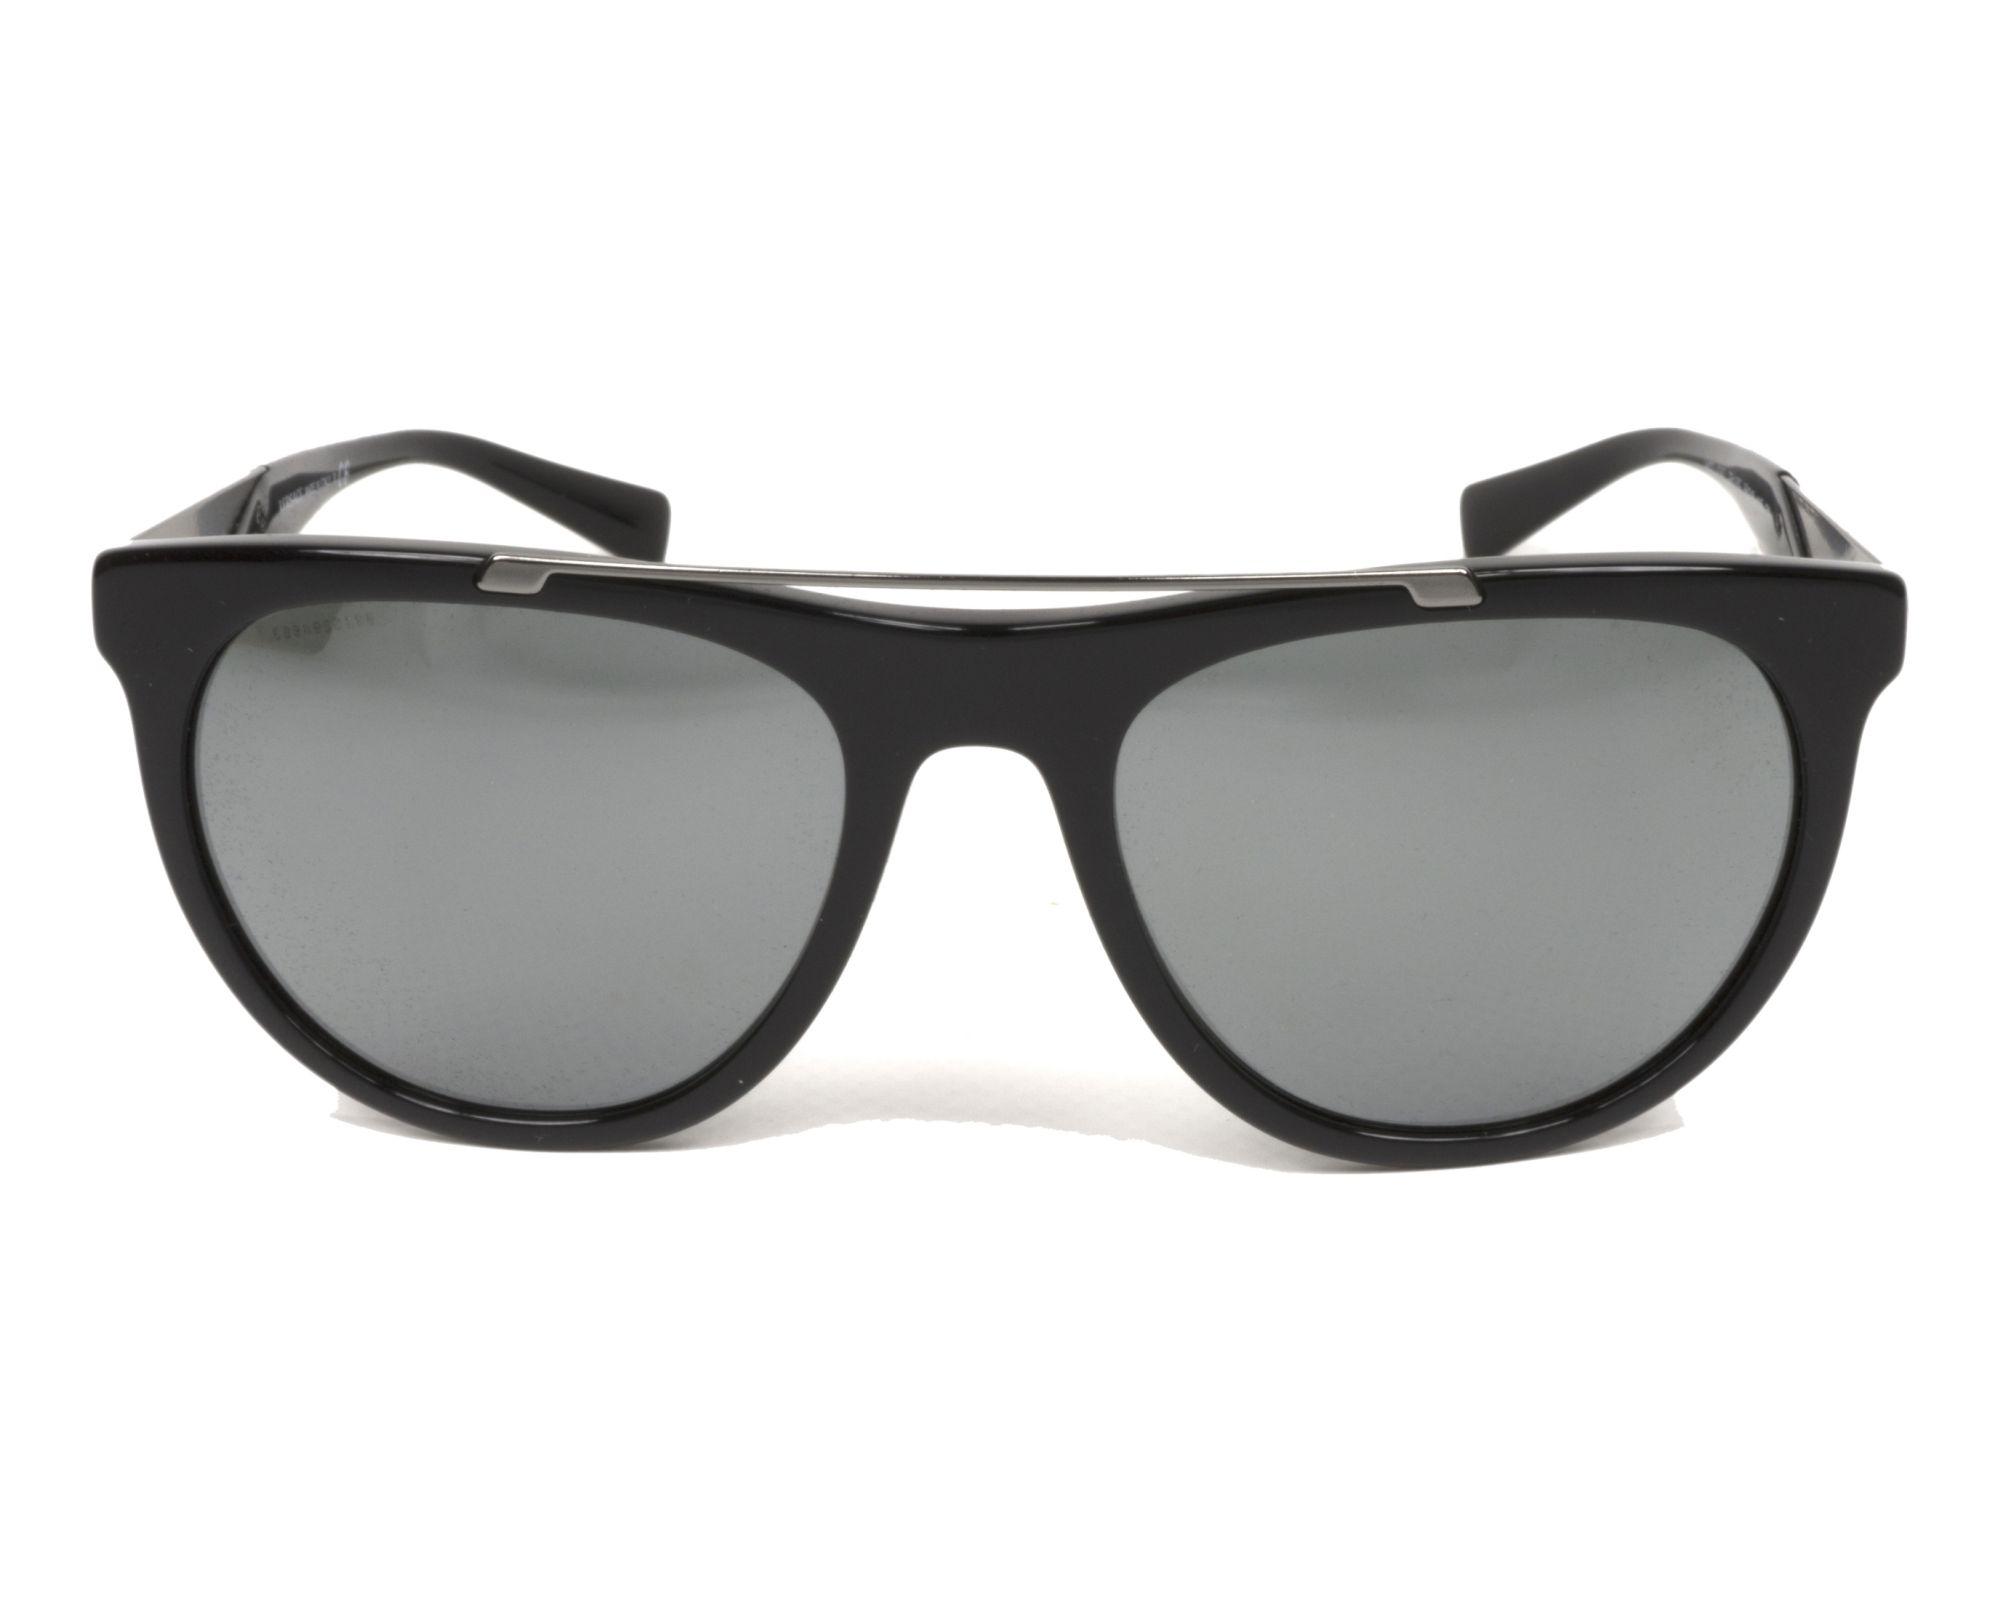 73069fa40f Gafas de sol Versace VE-4347 GB1/6G 56-19 Negra Gun vista